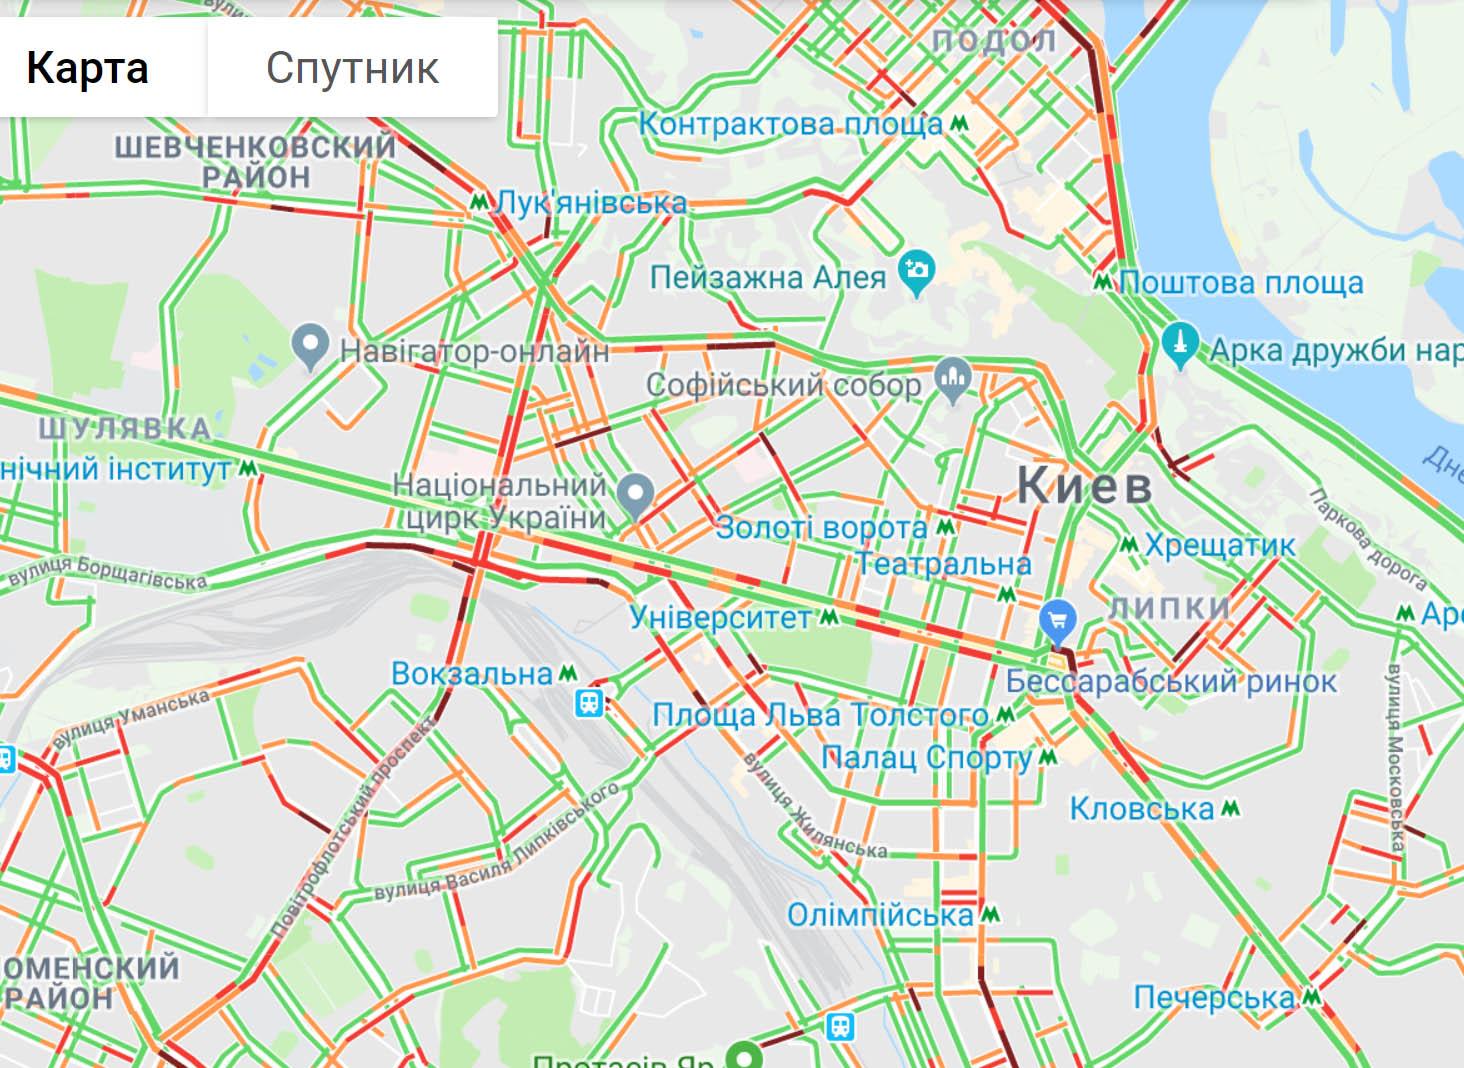 45076809 Ранкові затори на дорогах Києва - 23.04.2019